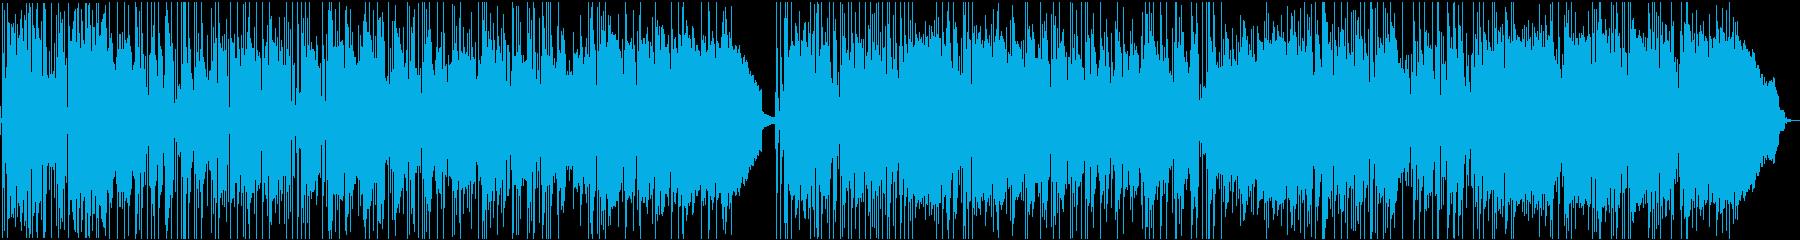 洋楽AORの再生済みの波形